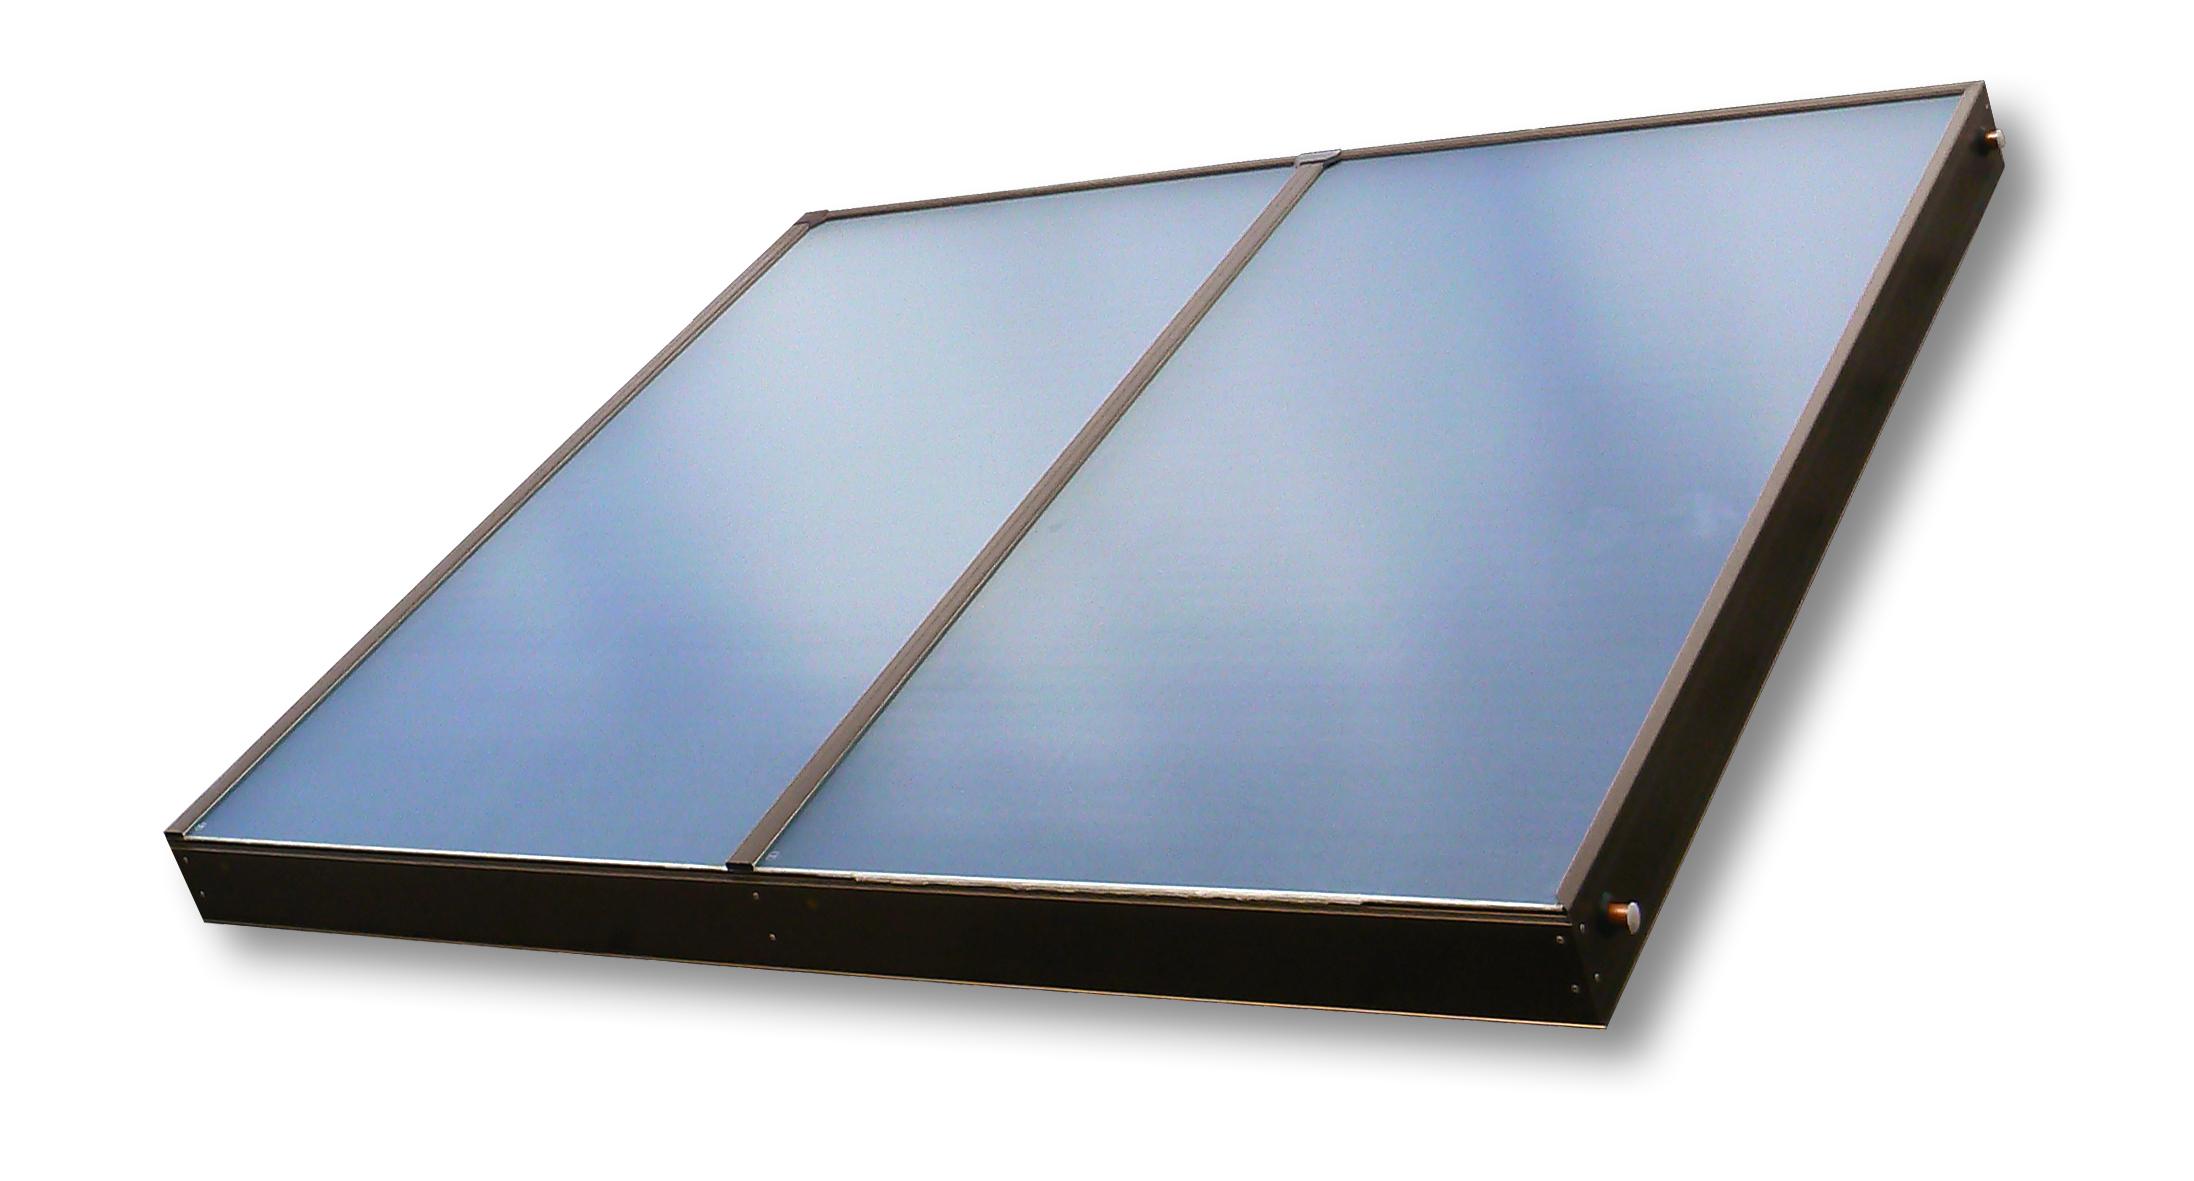 Velkoplošný solární kolektor SUNTIME 2.2